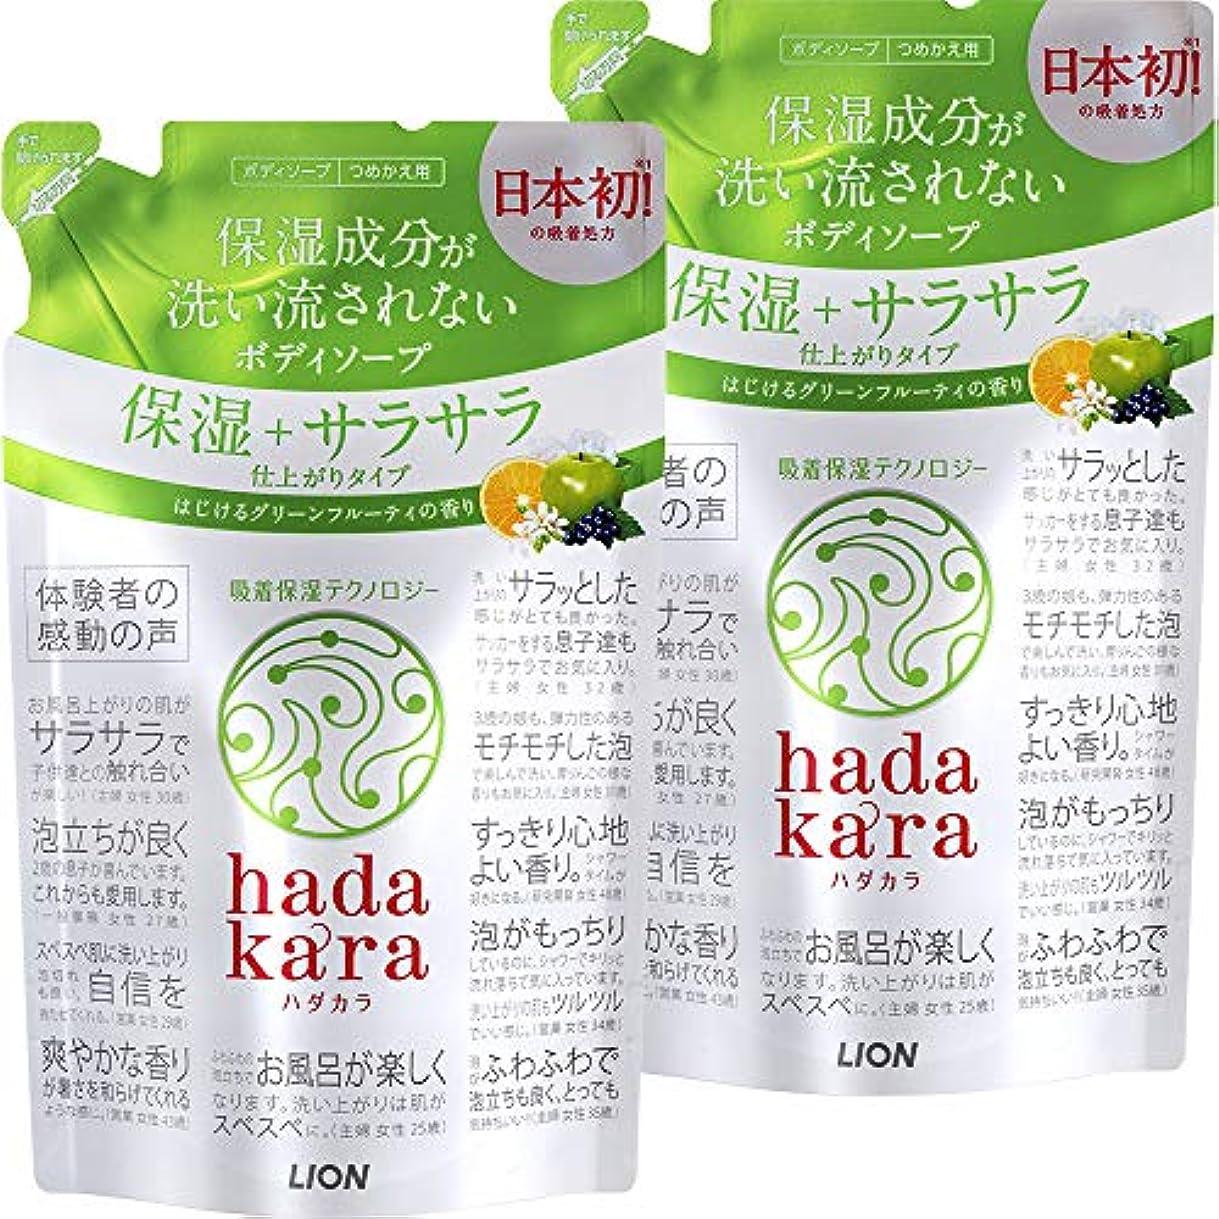 アーティキュレーション潤滑する朝食を食べる【まとめ買い】hadakara(ハダカラ) ボディソープ 保湿+サラサラ仕上がりタイプ グリーンフルーティの香り 詰め替え 340ml×2個パック